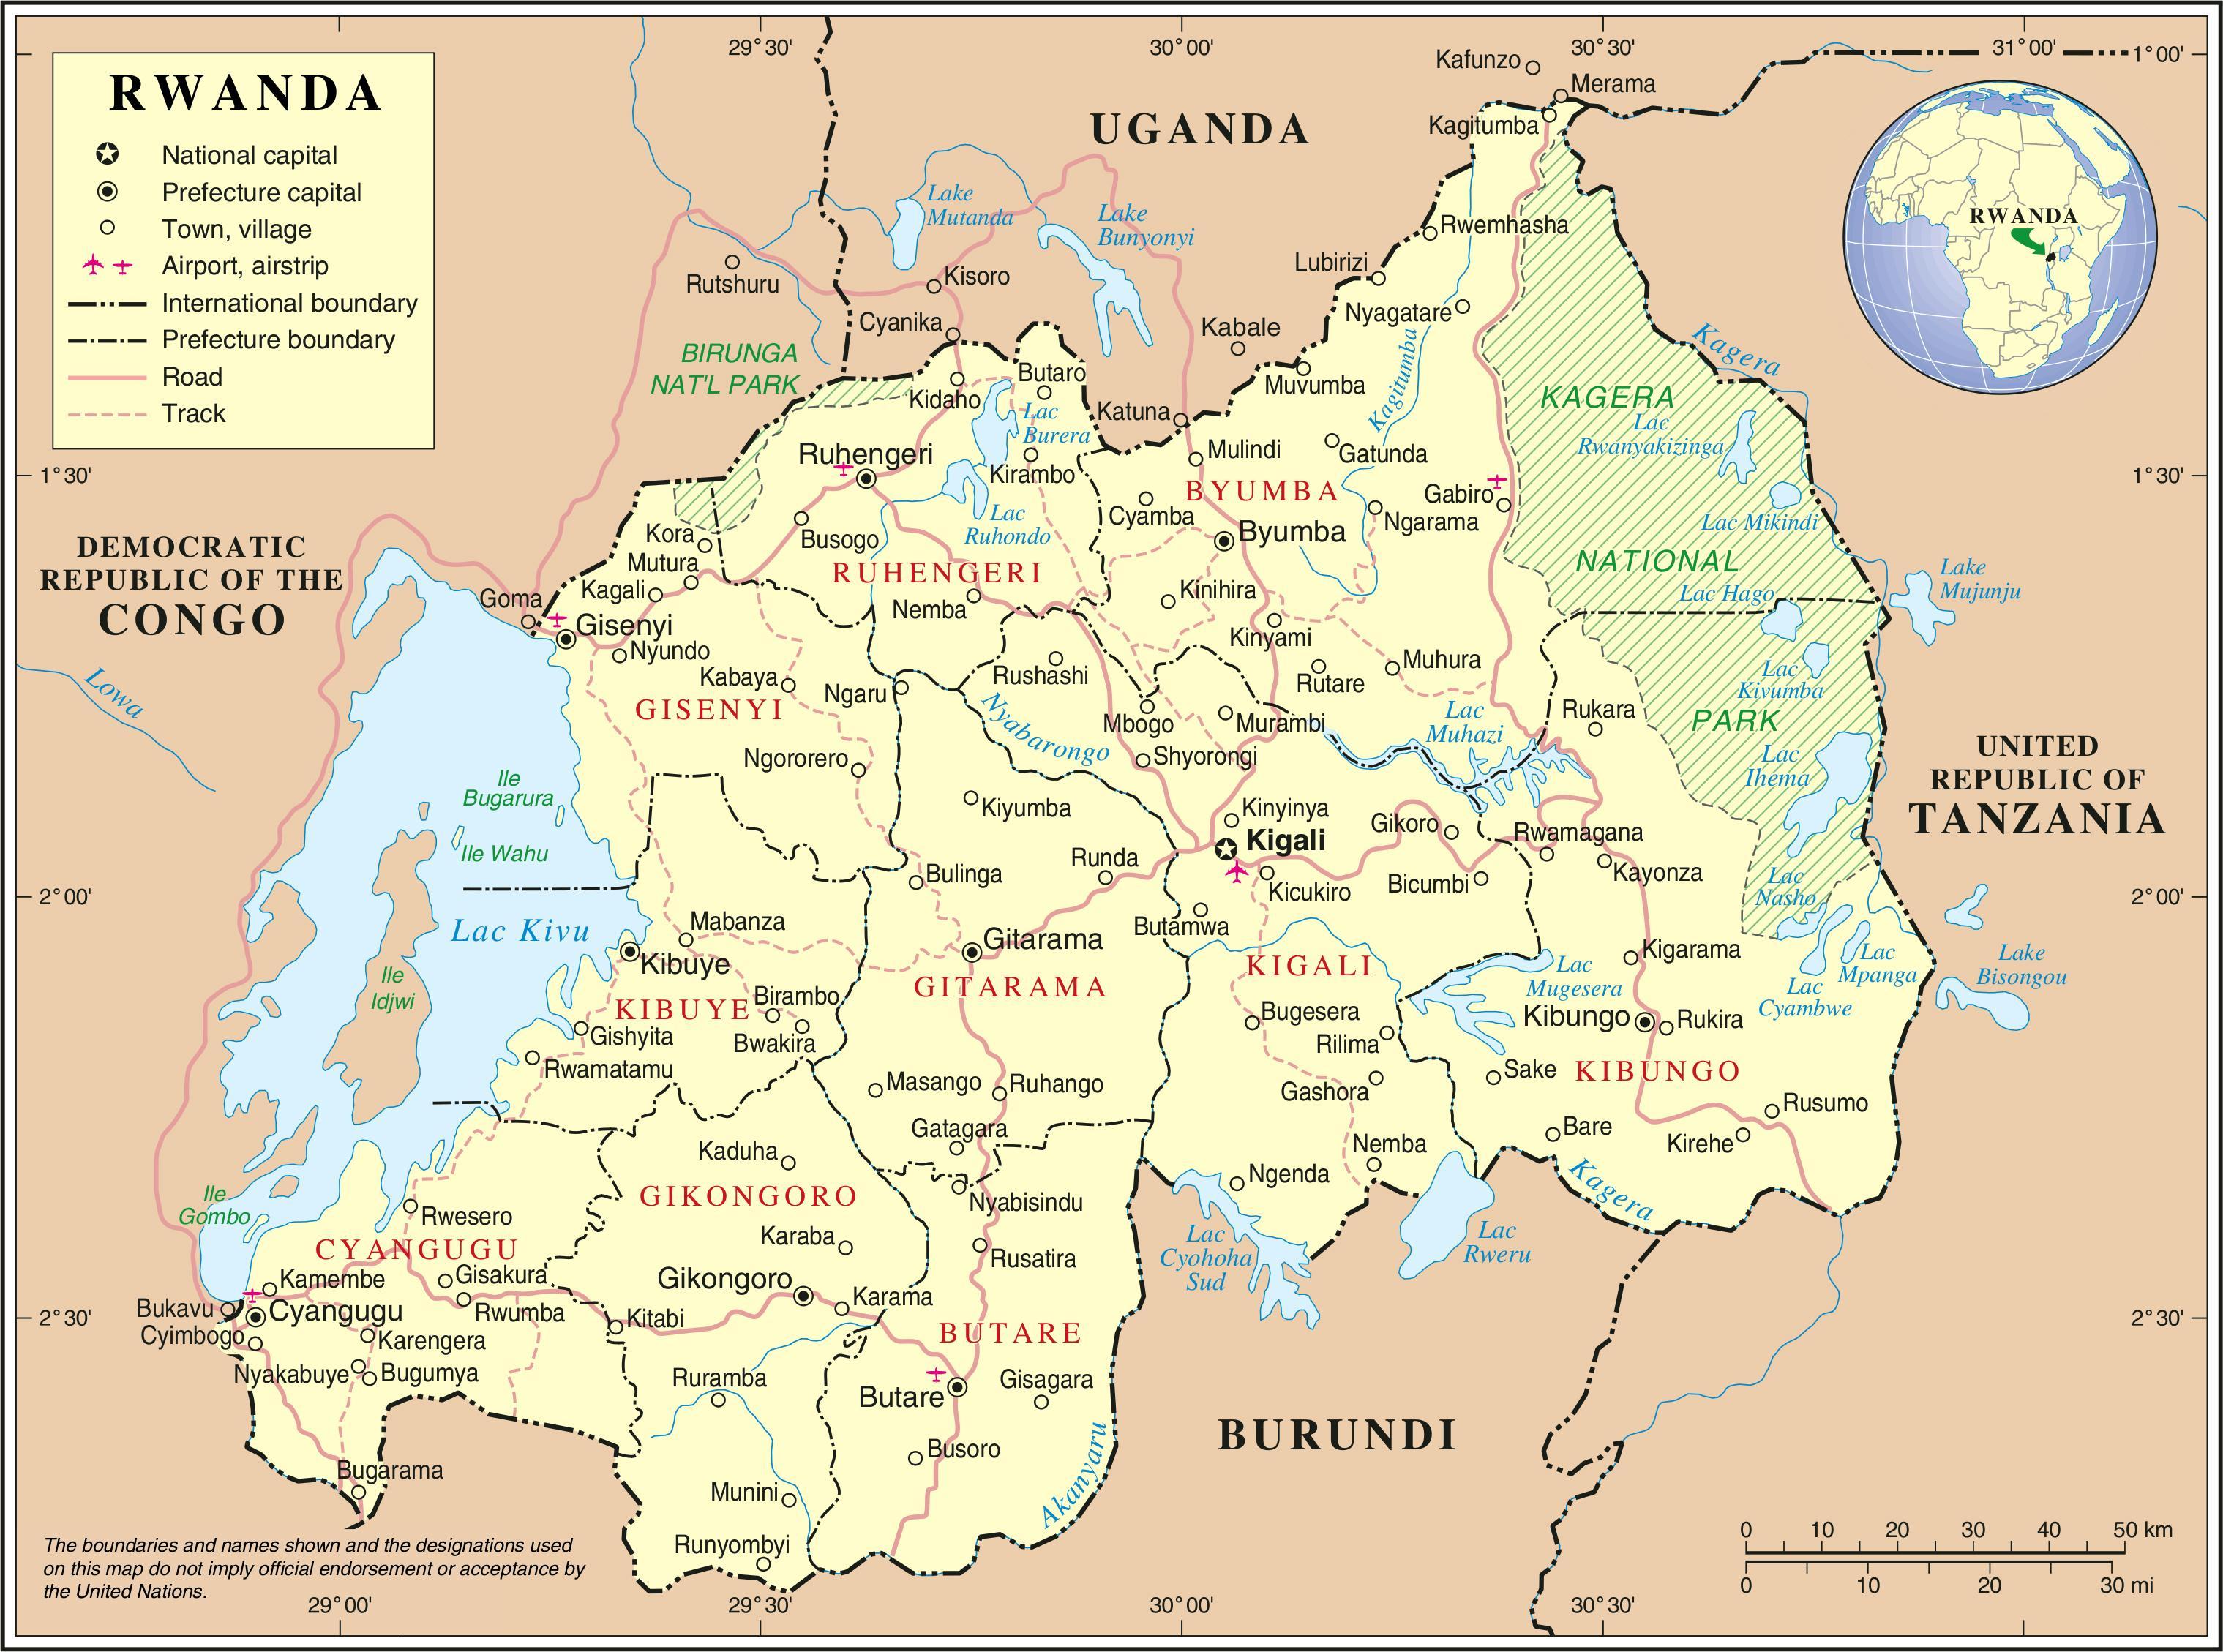 Carta amministrativa del Ruanda - Mappa di carta amministrativa del Ruanda  (Africa Orientale Africa)